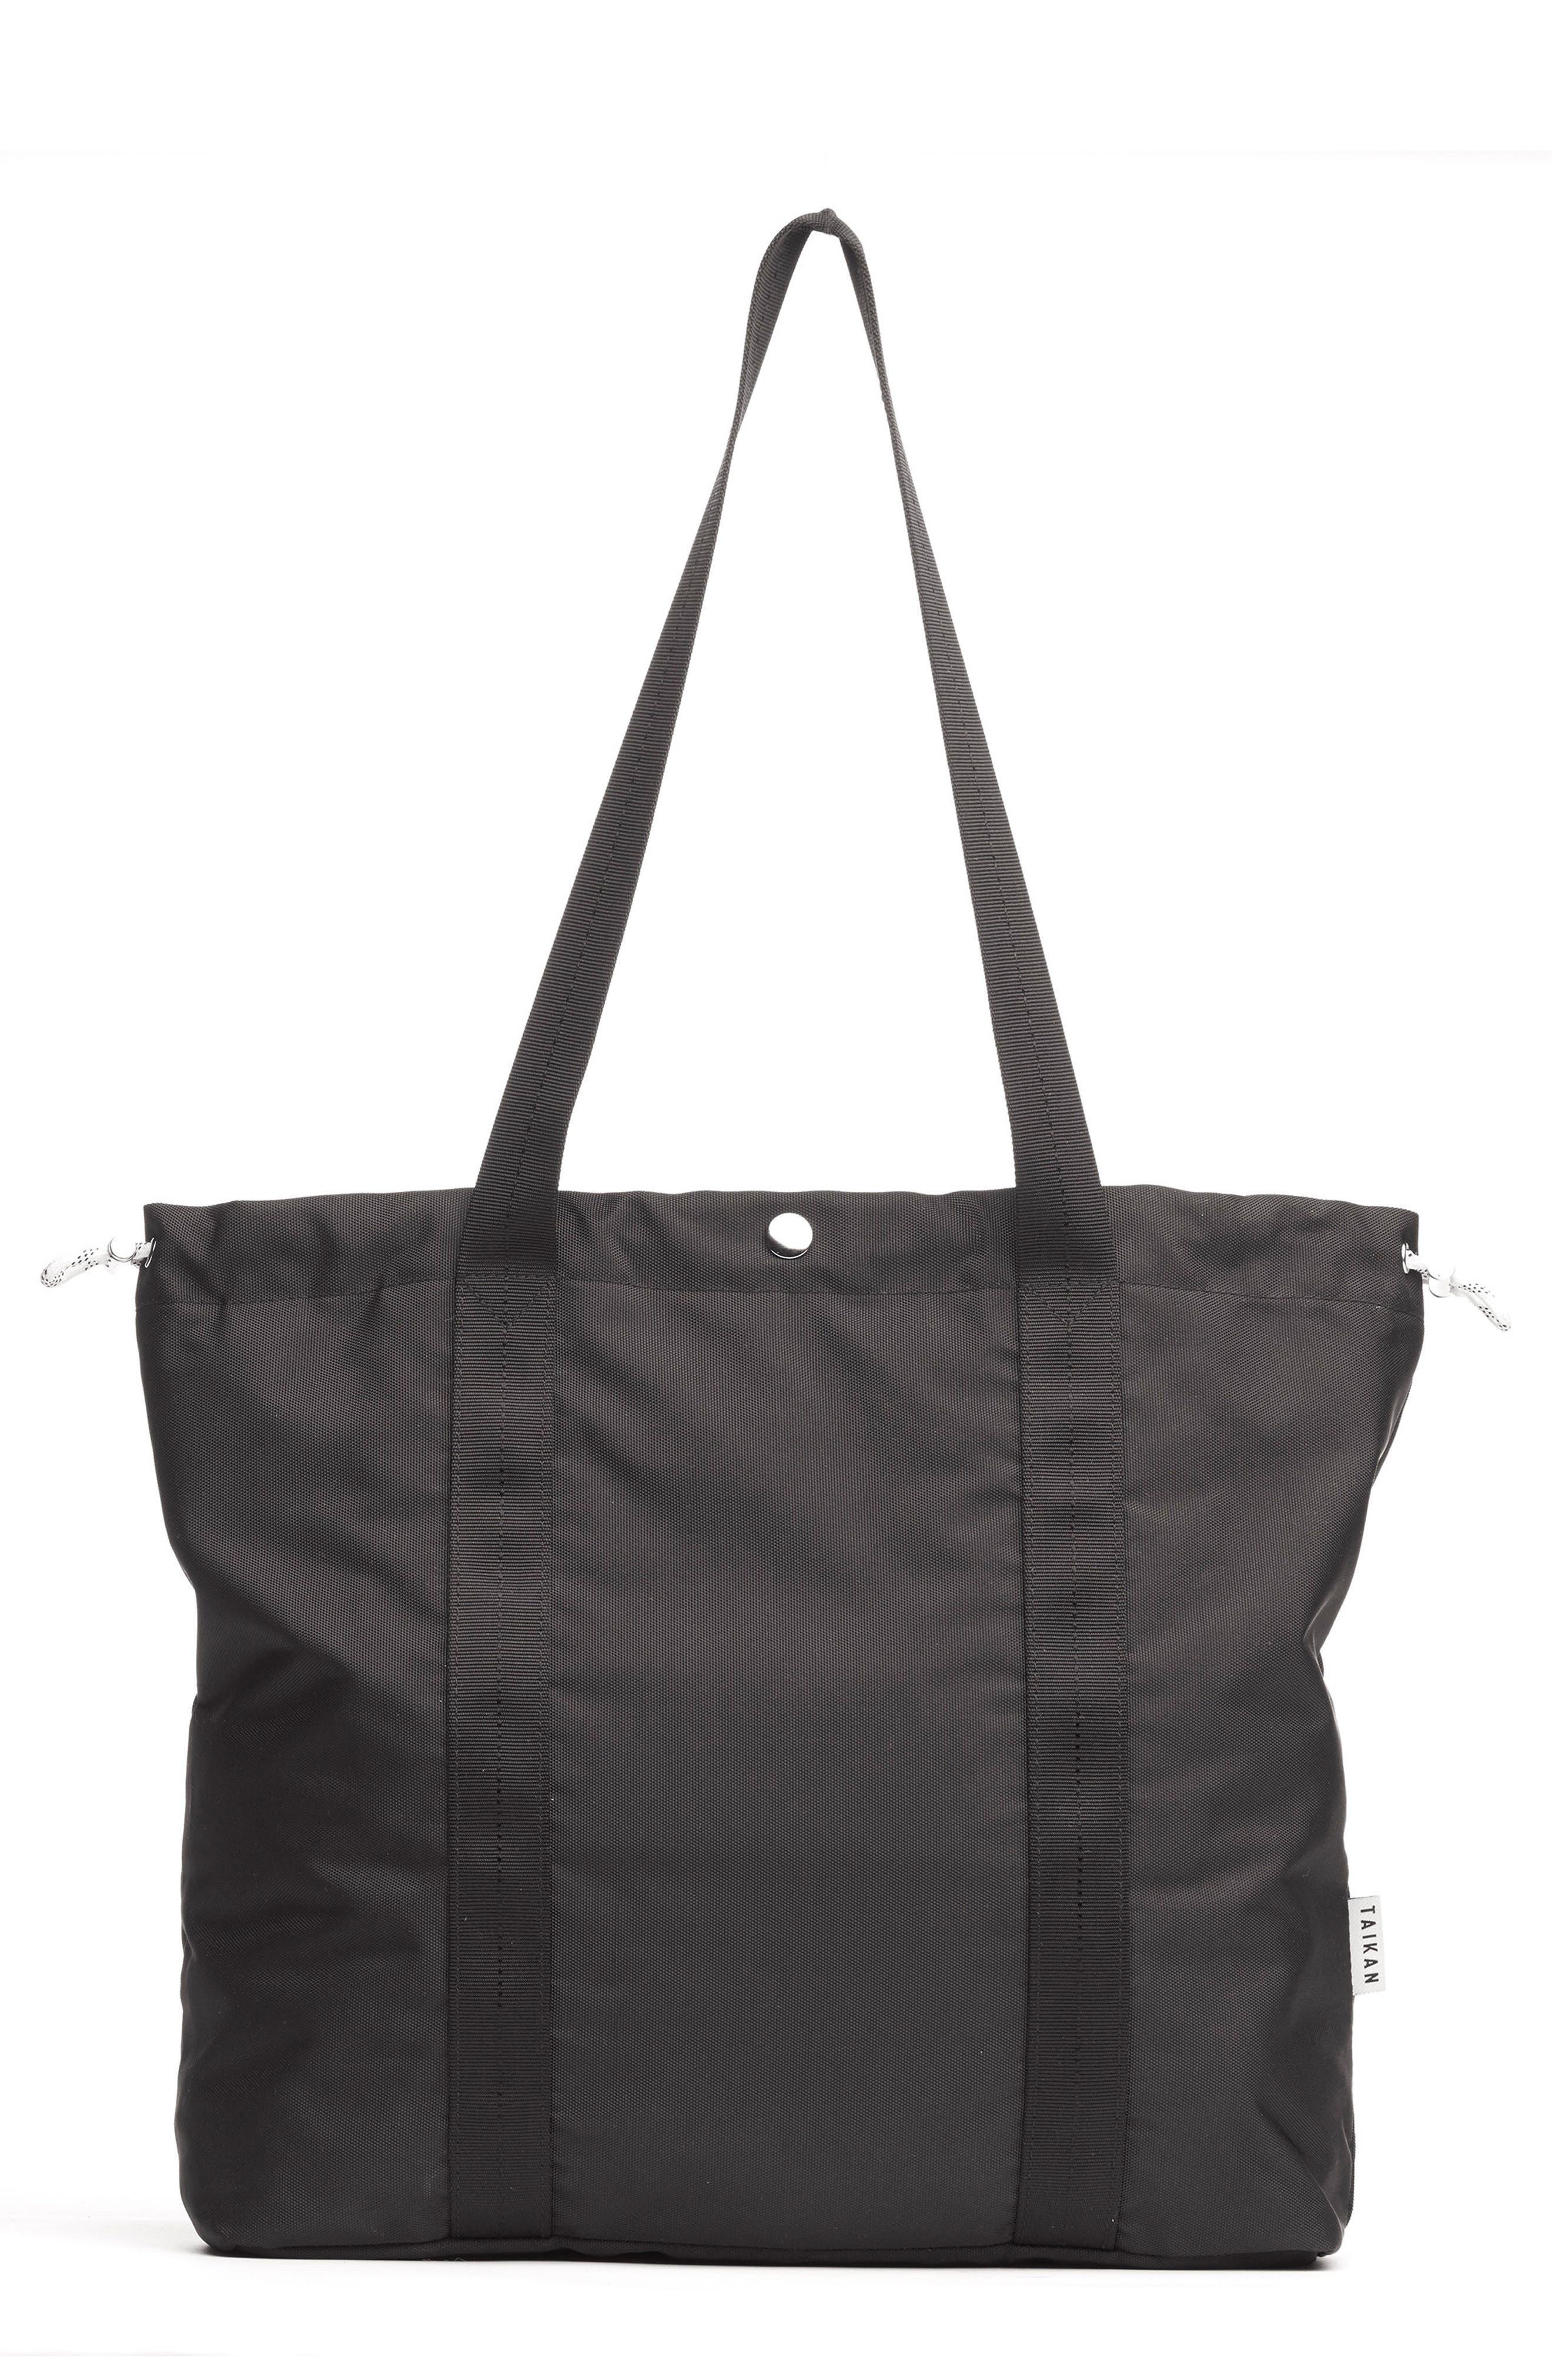 Flanker Tote Bag,                         Main,                         color, MATTE BLACK